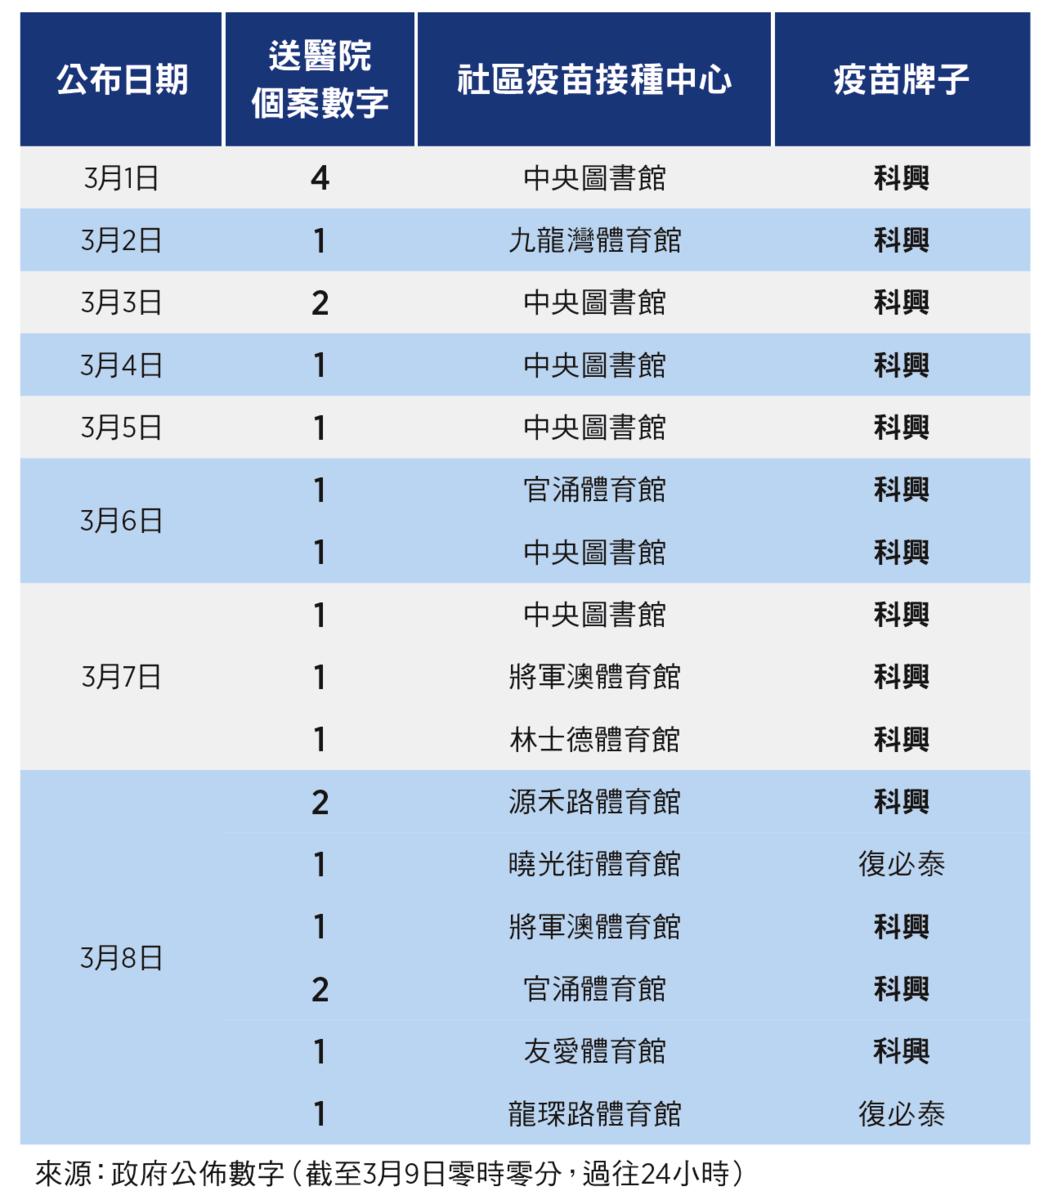 3月1日至3月8日注射疫苗後送醫院個案數字。(大紀元製圖)